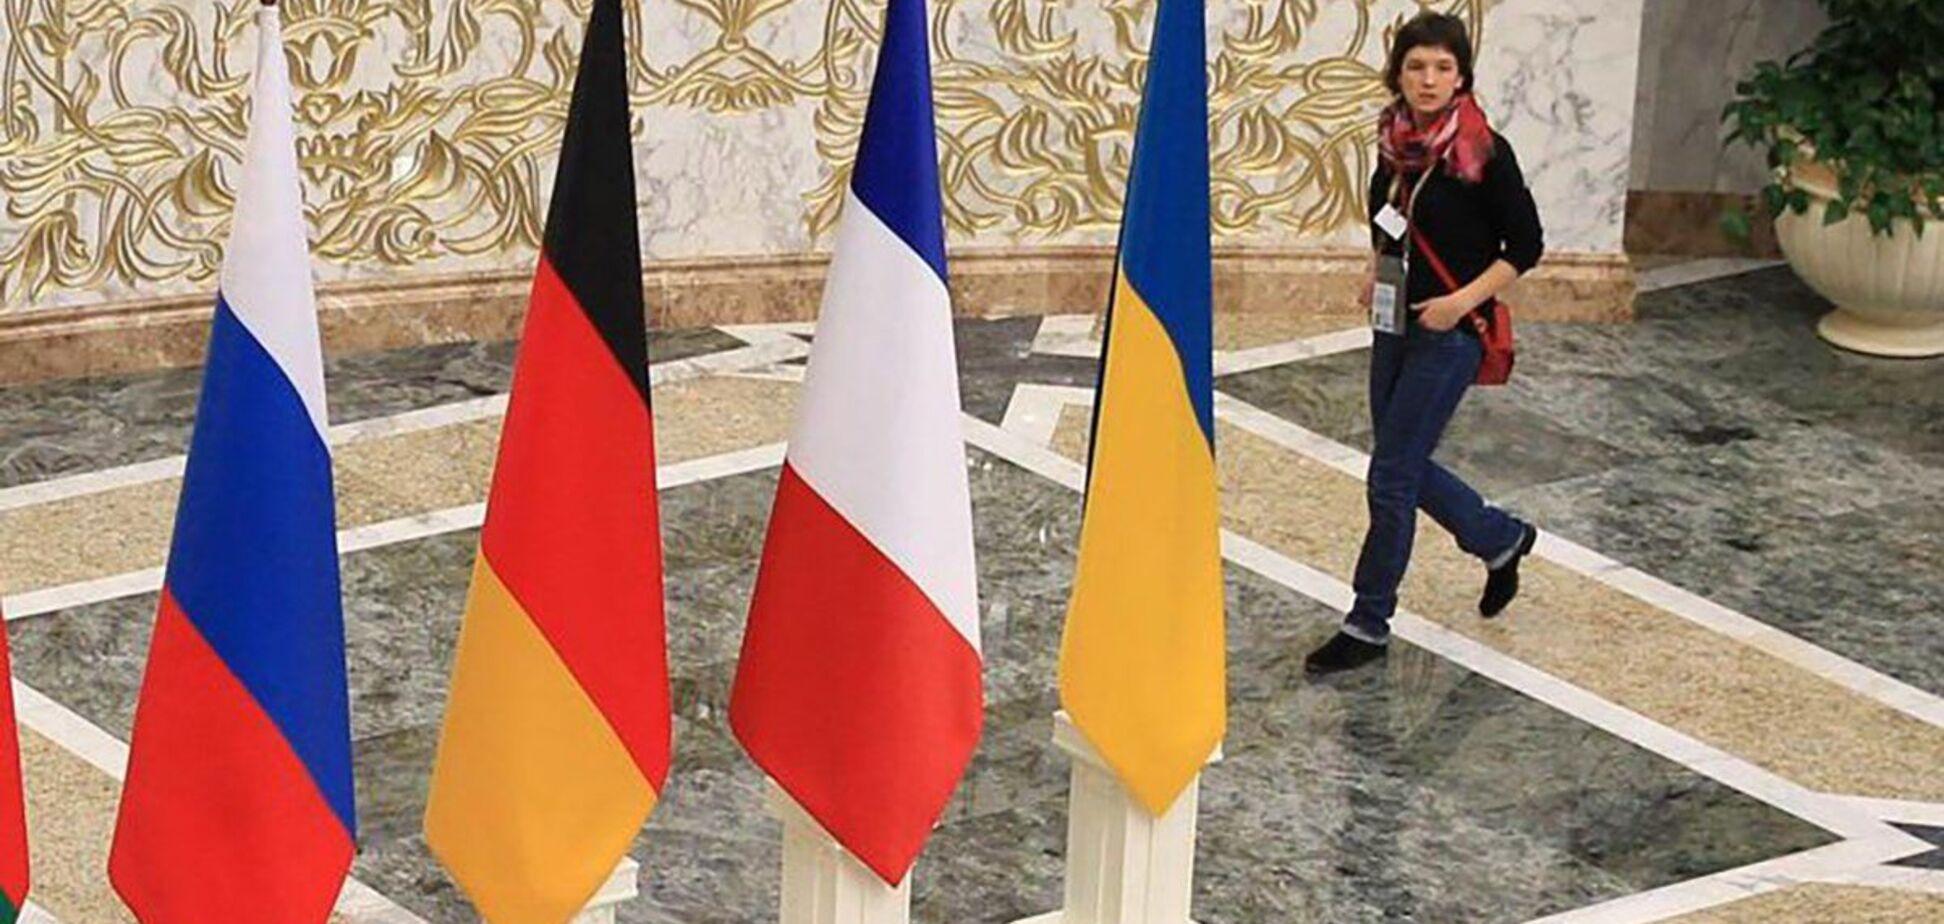 Б Берліні проходять переговори радників лідерів 'нормандської четвірки'